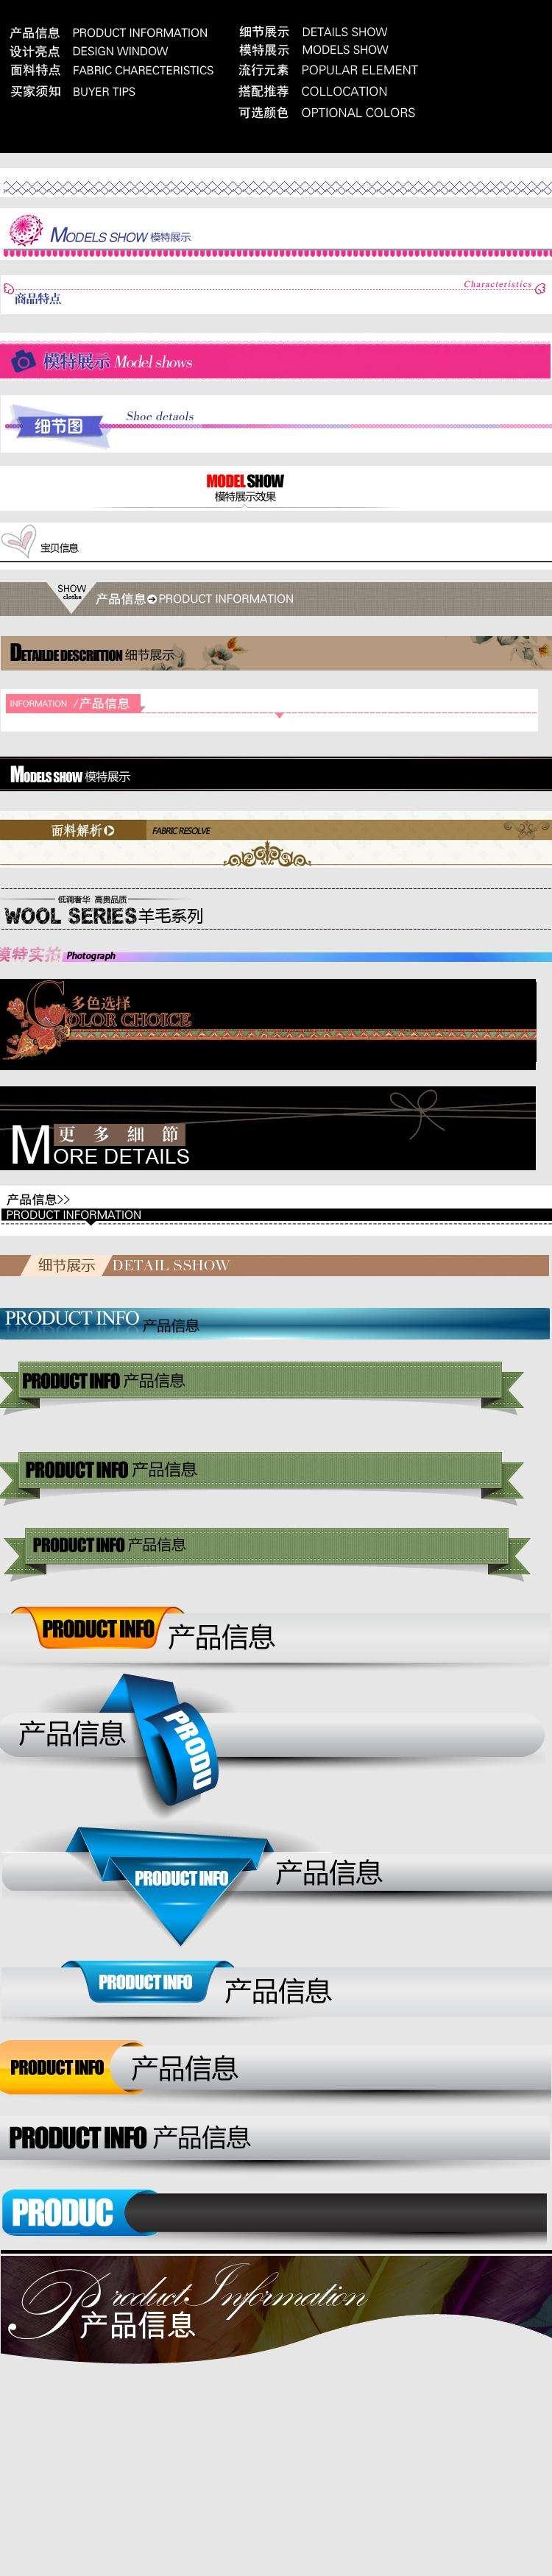 淘宝商品信息列表页设计素材psd